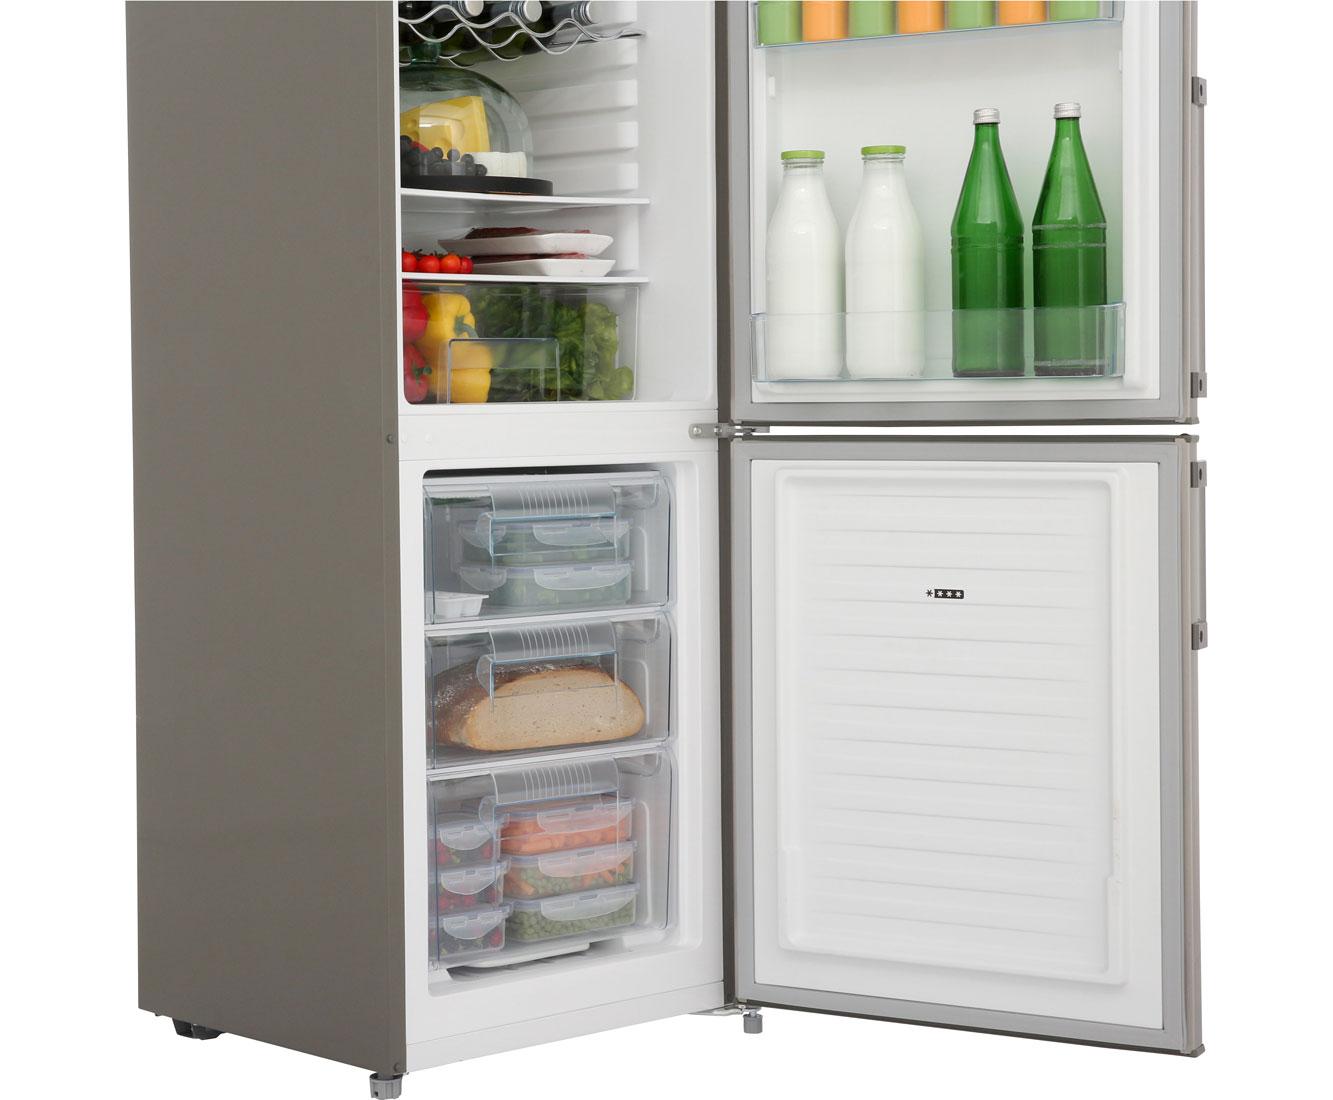 Amica Kühlschrank Aufstellen : Amica kühlschrank inbetriebnahme: kühl gefrierkombinationen amica